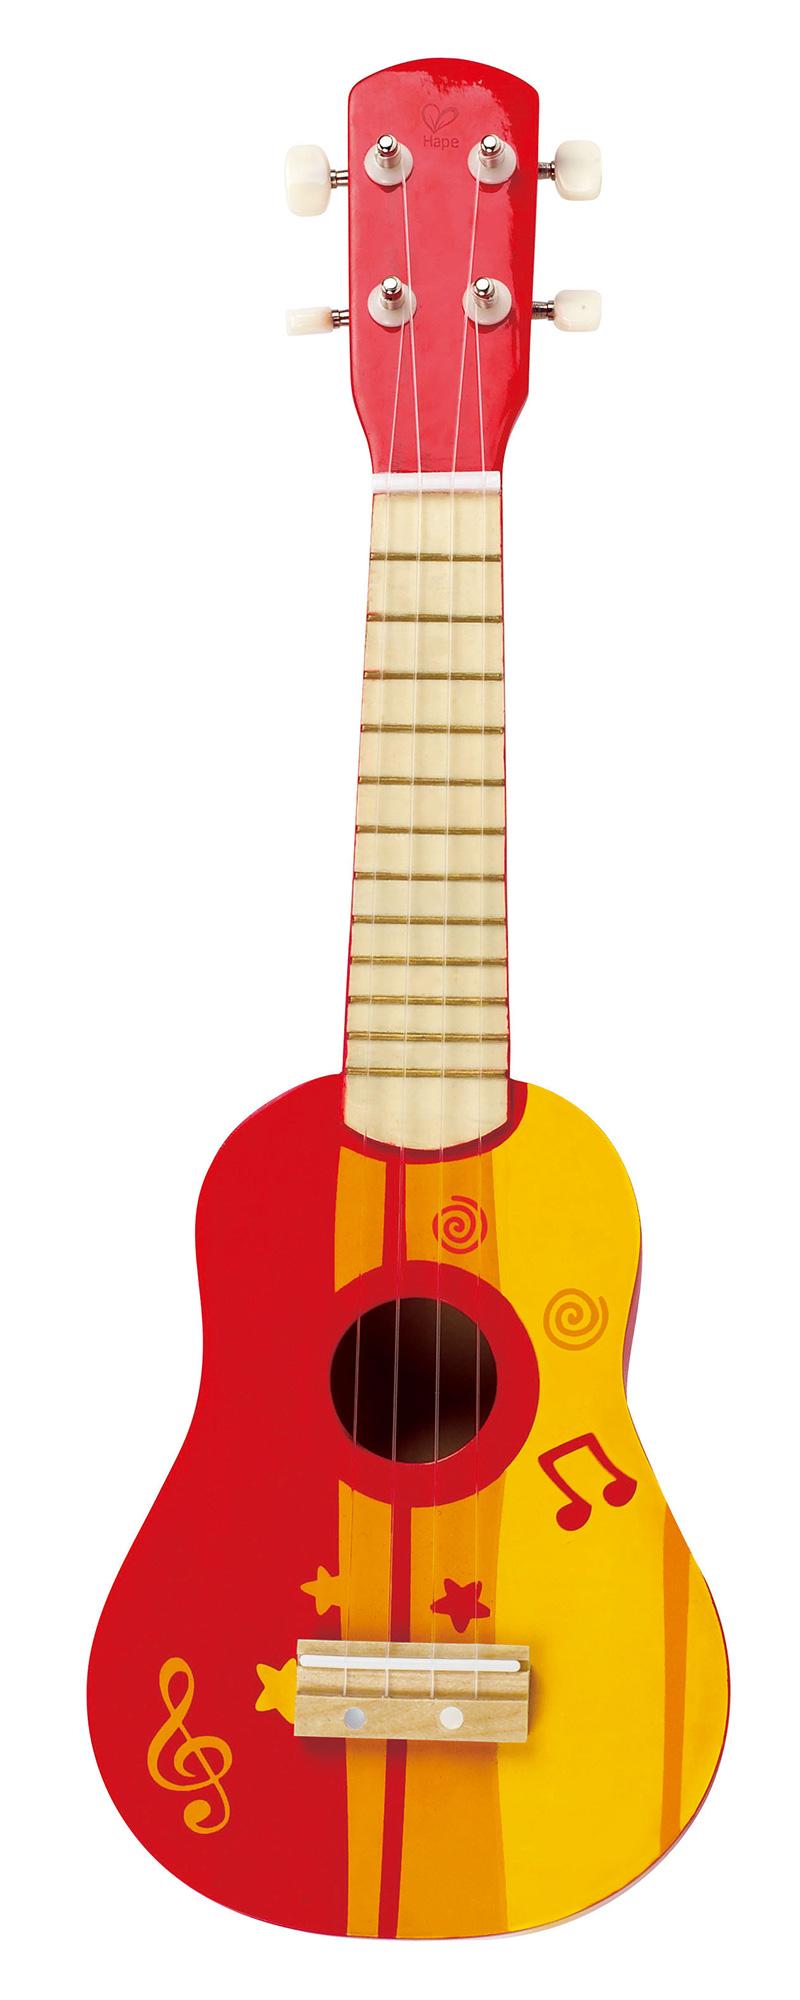 hape red ukulele musical instrument wooden toy gift learning baby toddler bni. Black Bedroom Furniture Sets. Home Design Ideas